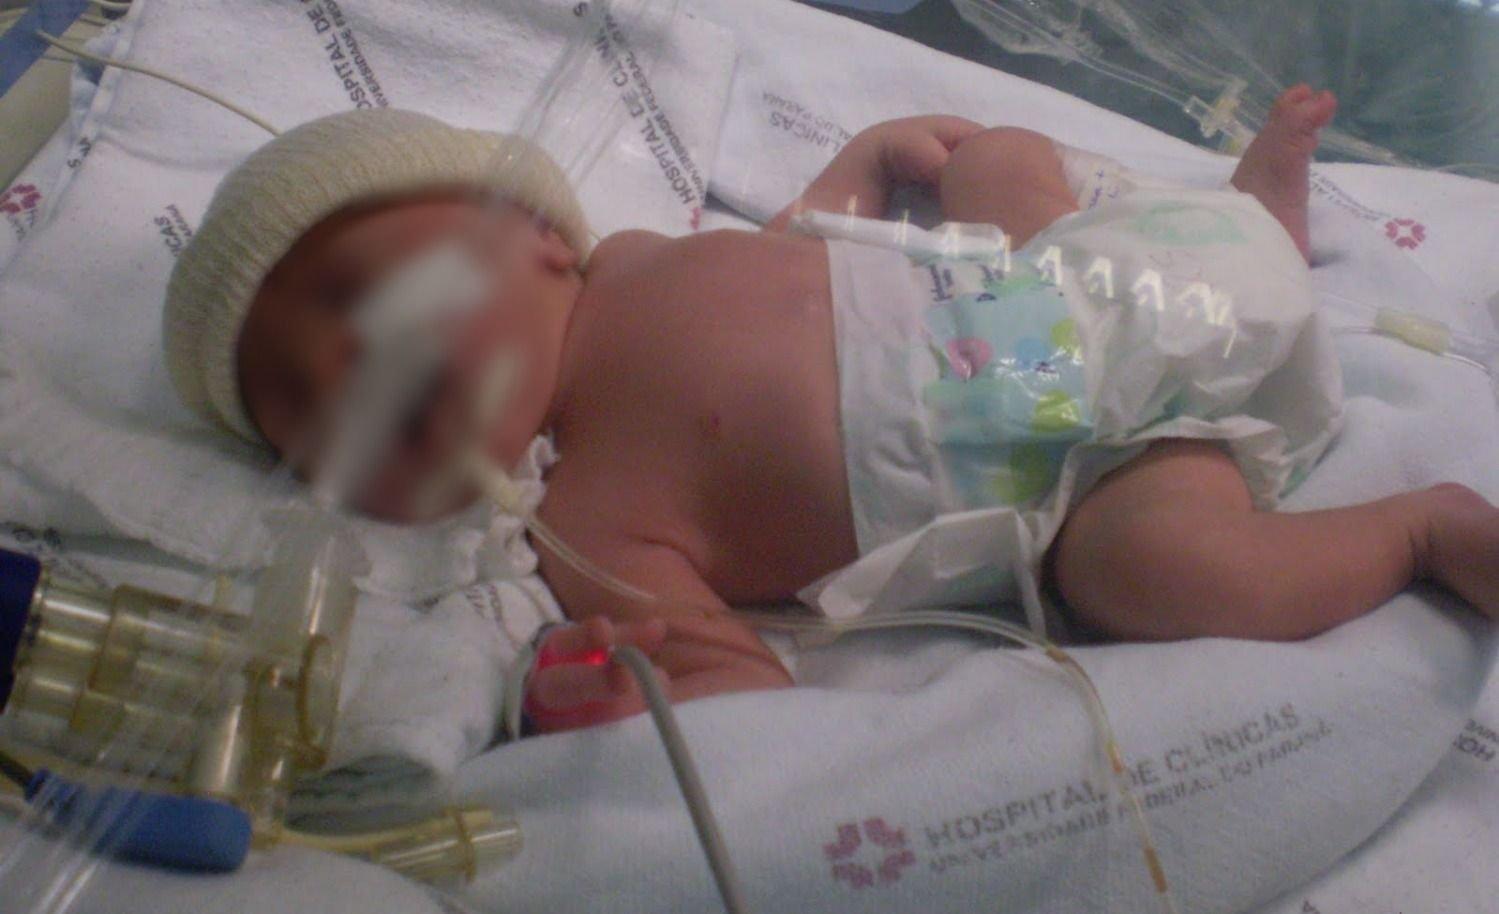 Murió un bebé mendocino y detuvieron a sus padres: tenía múltiples lesiones